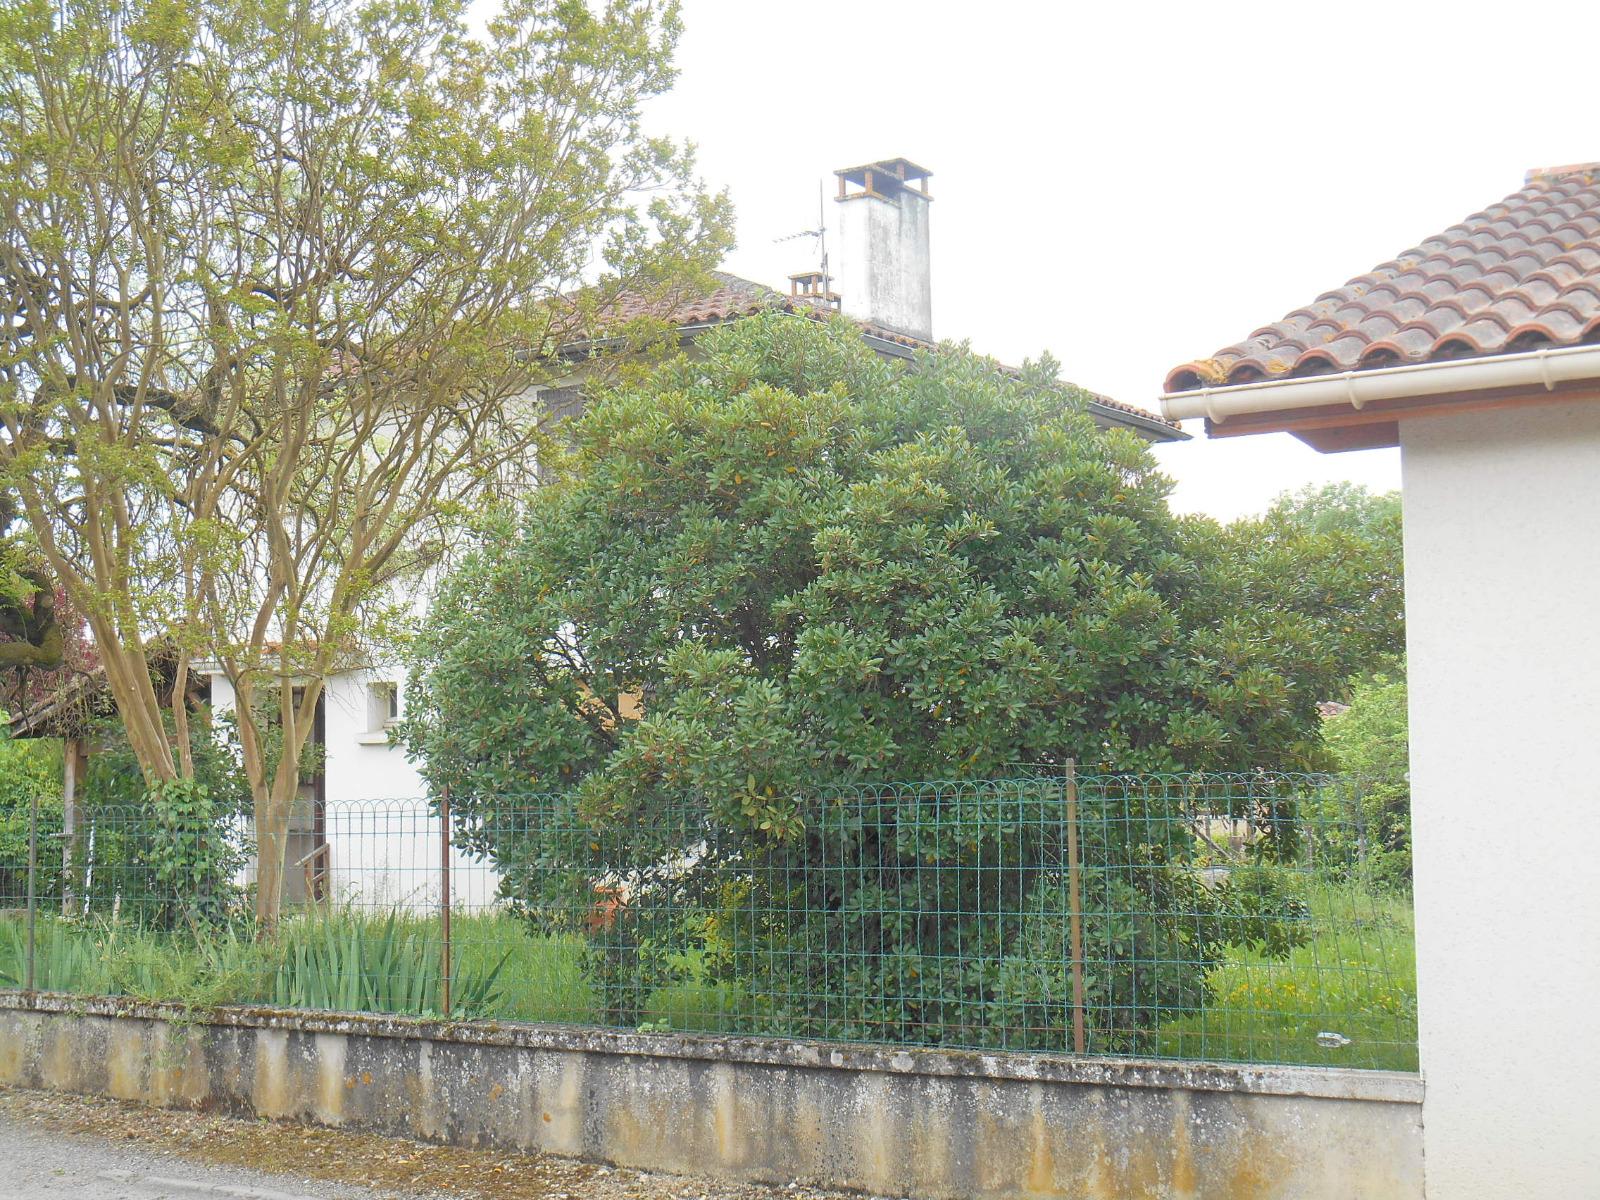 Maison A Vendre Vic Fezensac Centre Ville Avec Jardin